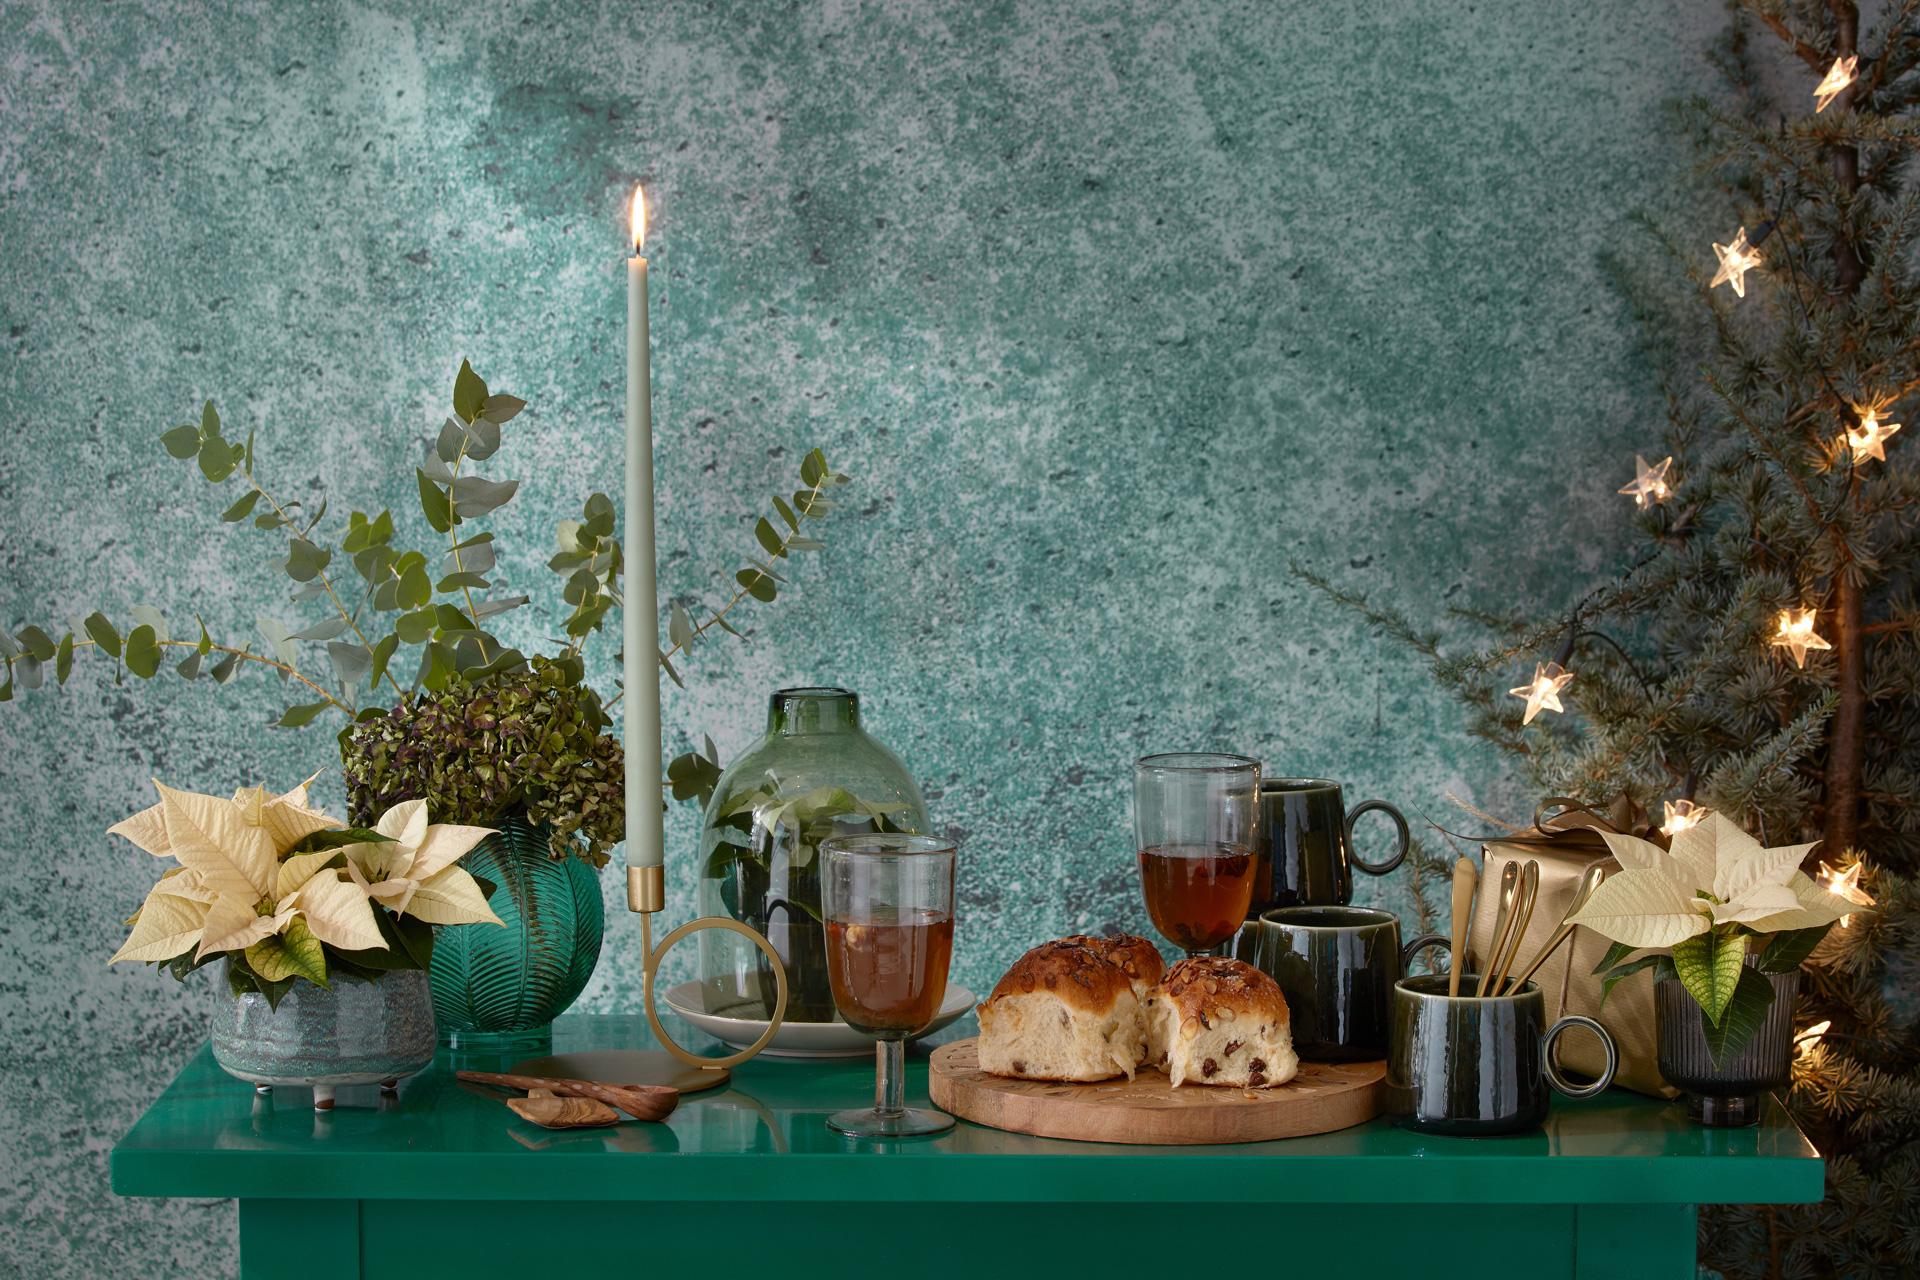 Gemütlicher Advent mit weißen Poinsettia by Stars for Europe